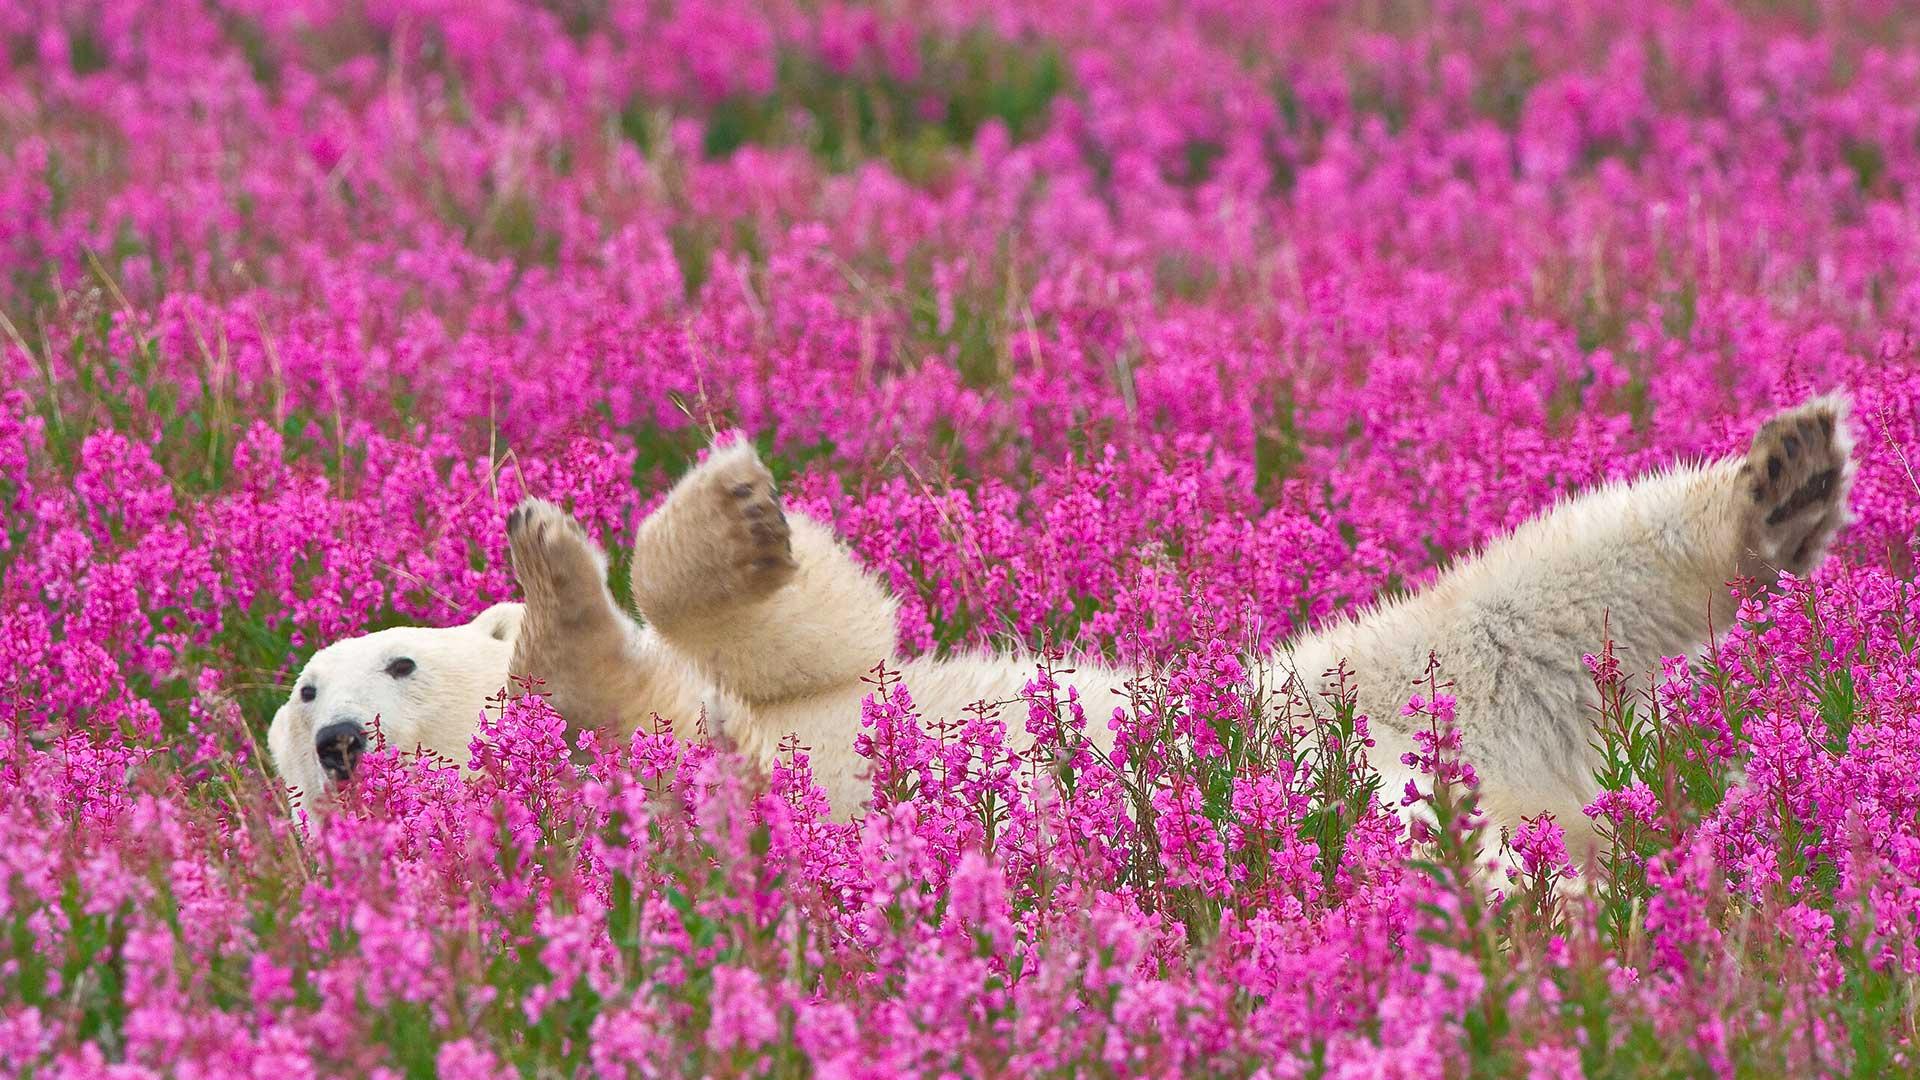 банке красивые фото природы в белых рамках любым транспортом